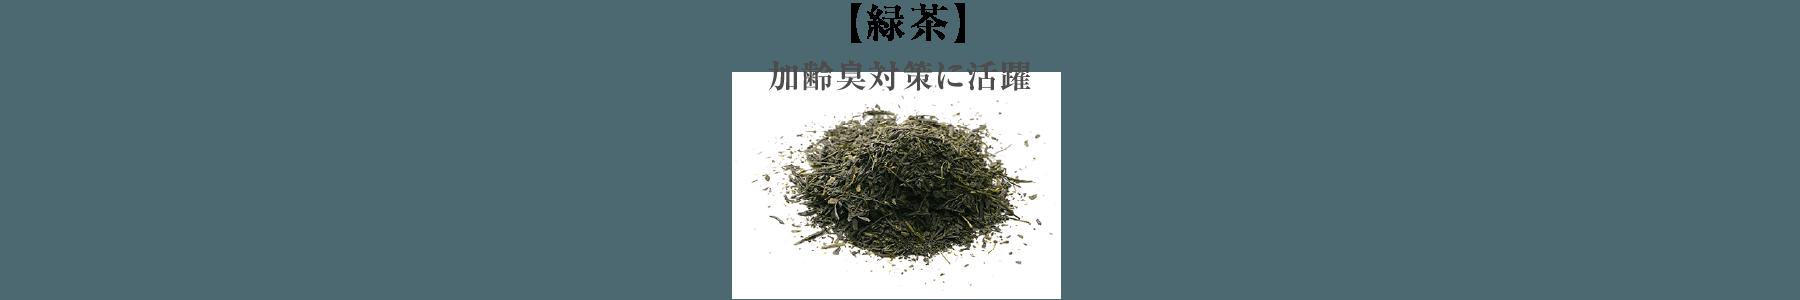 【緑茶】加齢臭対策に活躍